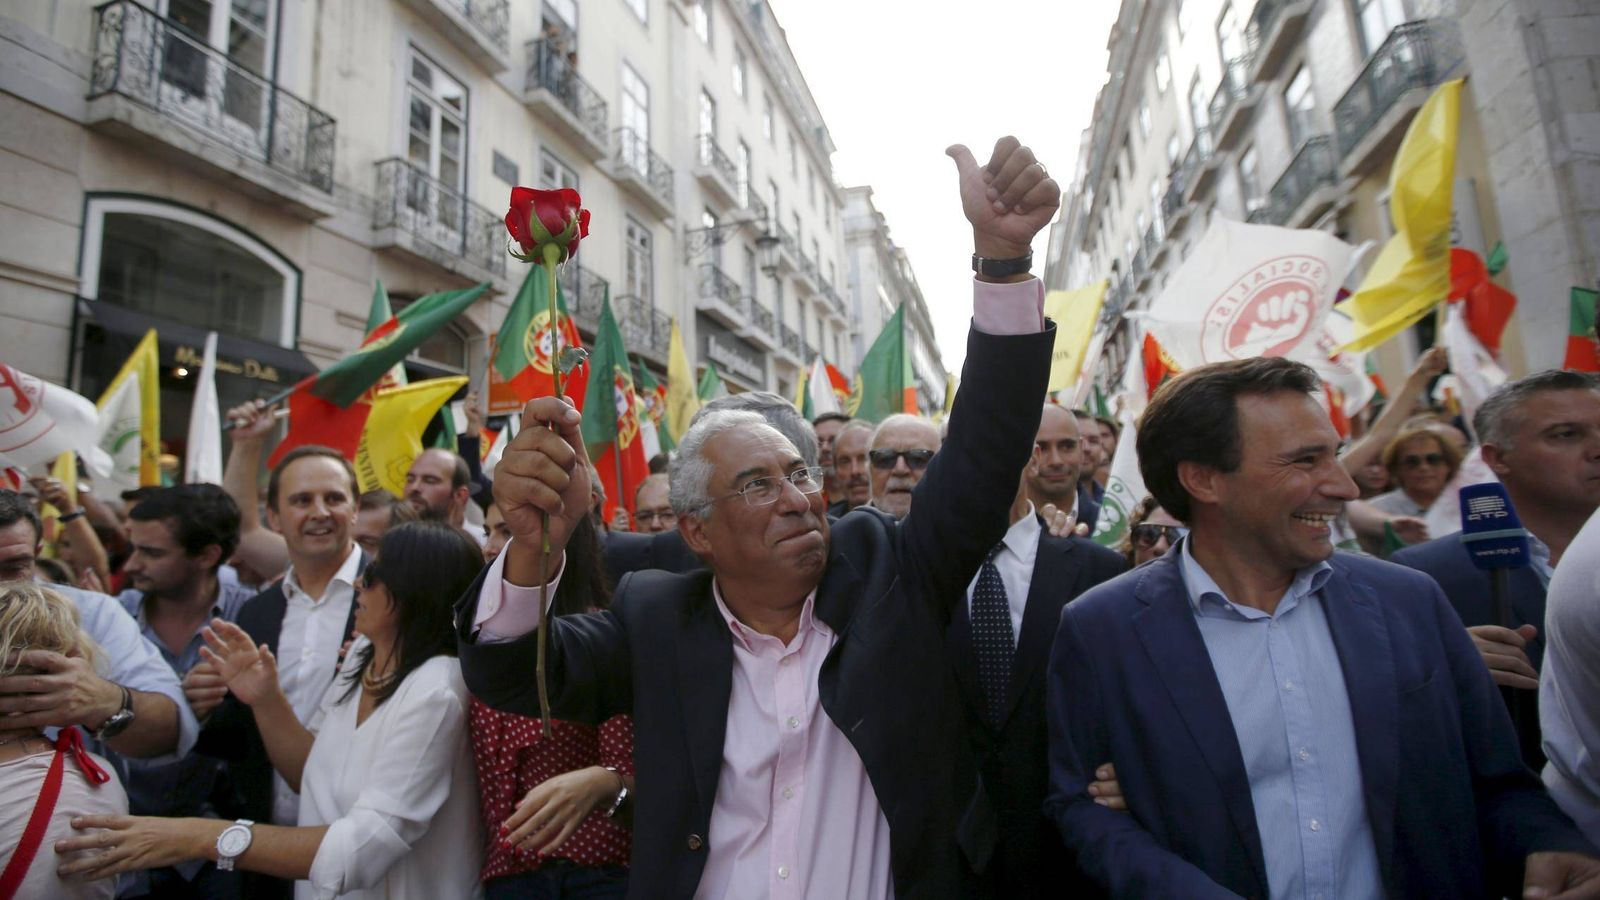 Foto: El socialista Antonio Costa durante en un evento electoral en Lisboa. (Foto: Reuters)